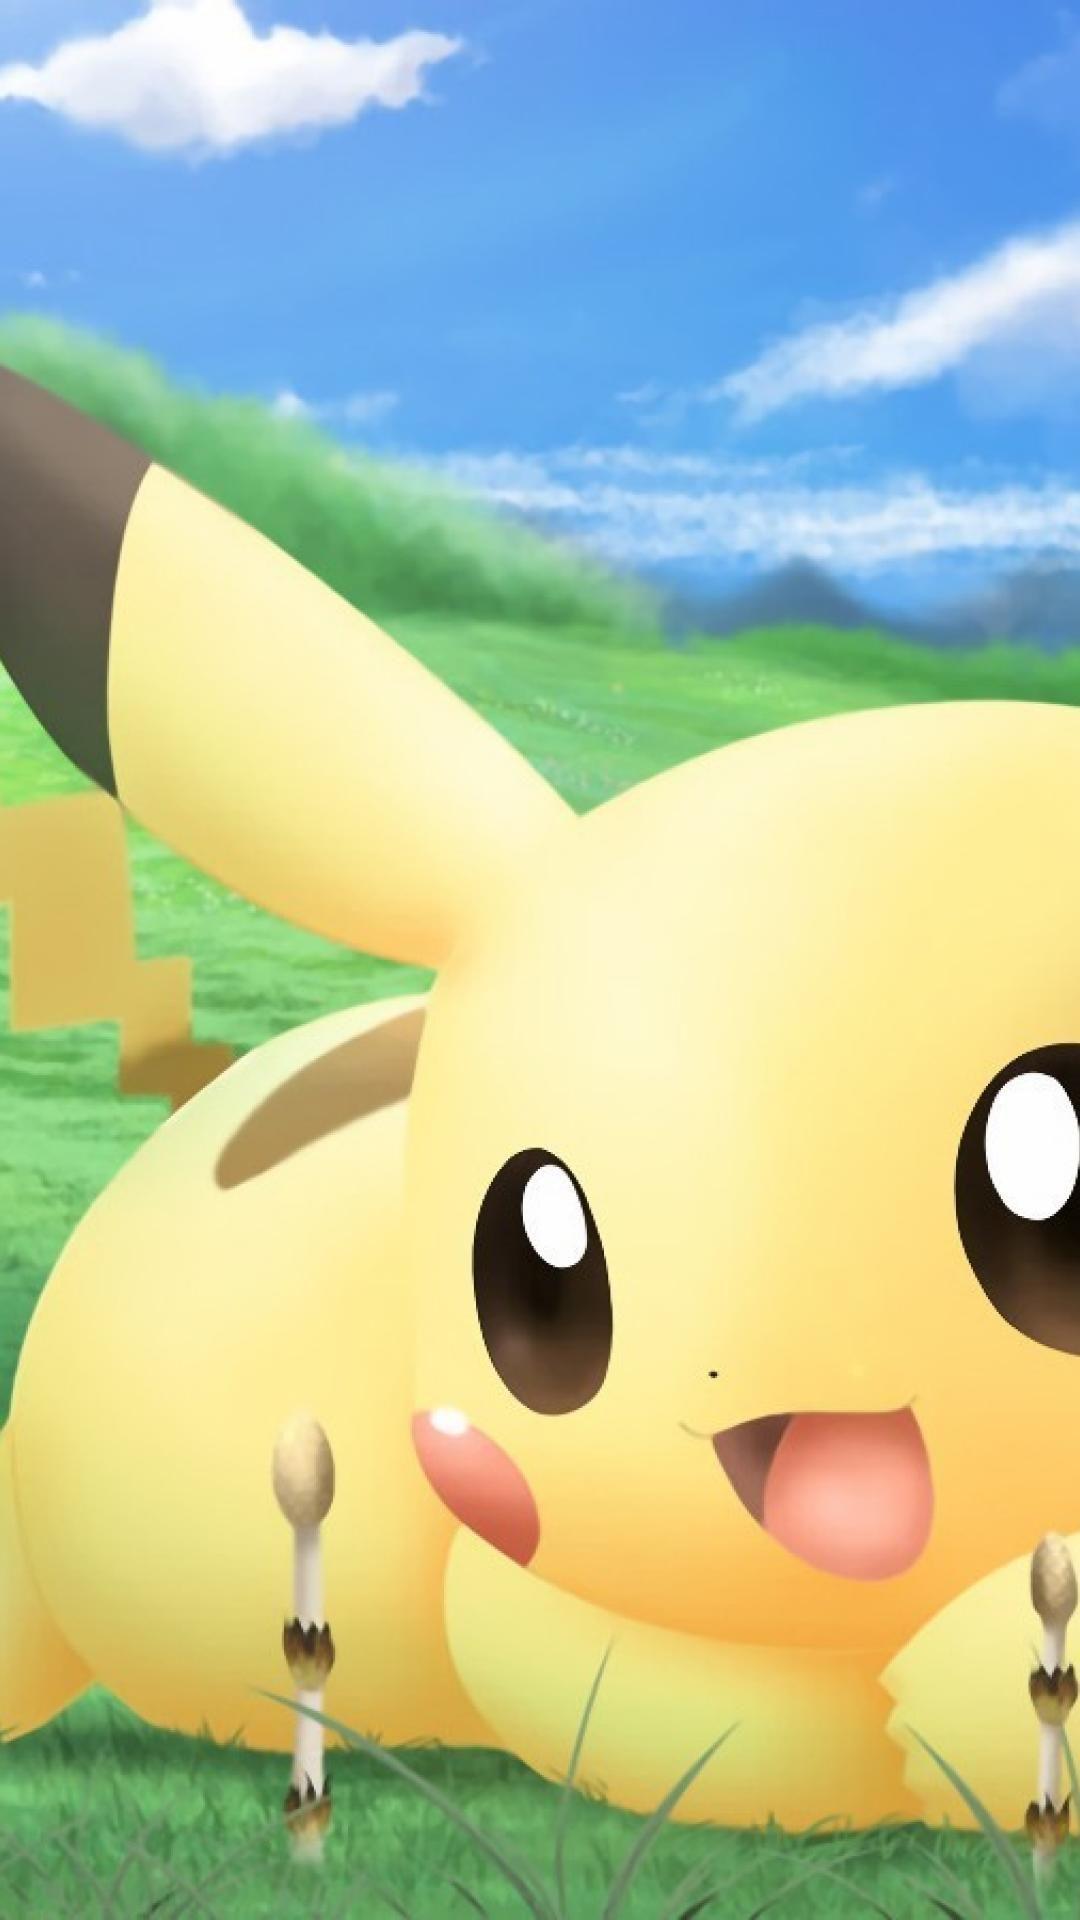 Hình nền iphone 6 plus 1080x1920 Pikachu nữ tính dễ thương.  - Phương tiện truyền thông